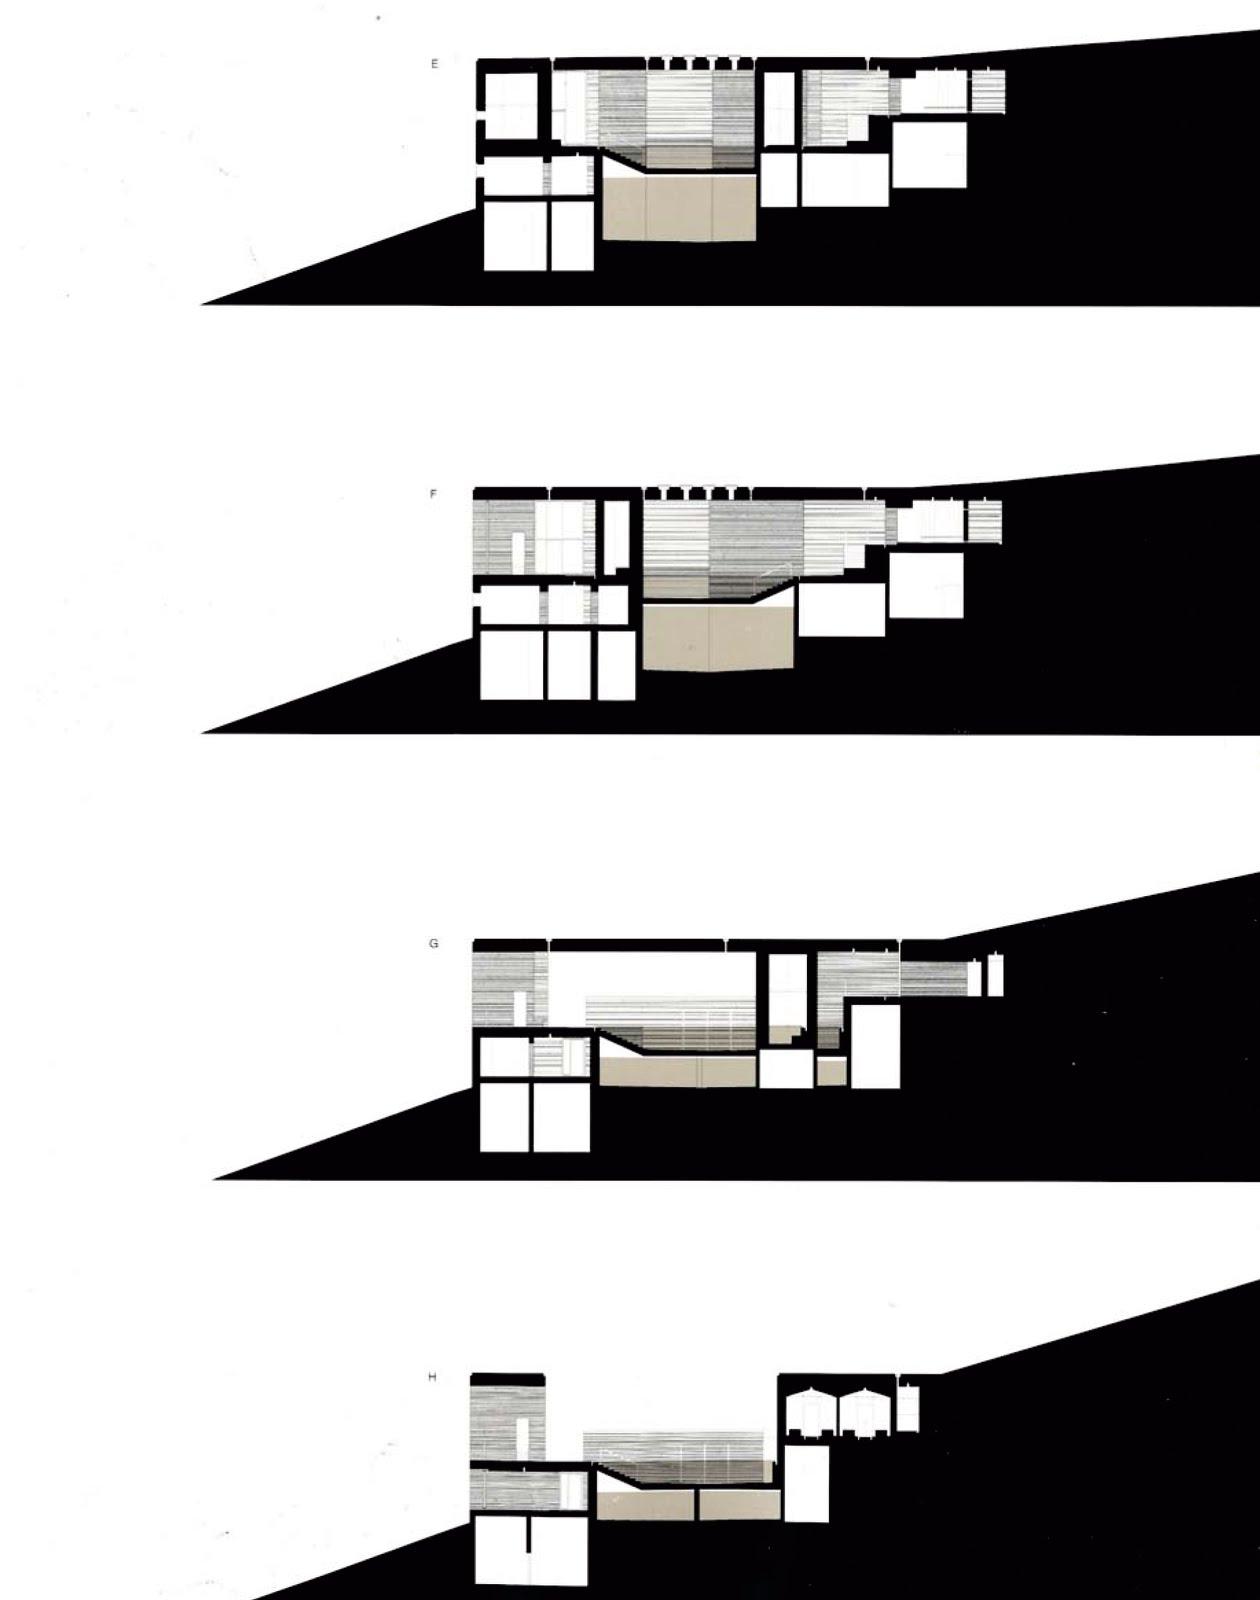 El plan z arquitectura peter zumthor termas de vals videos for Plan de arquitectura